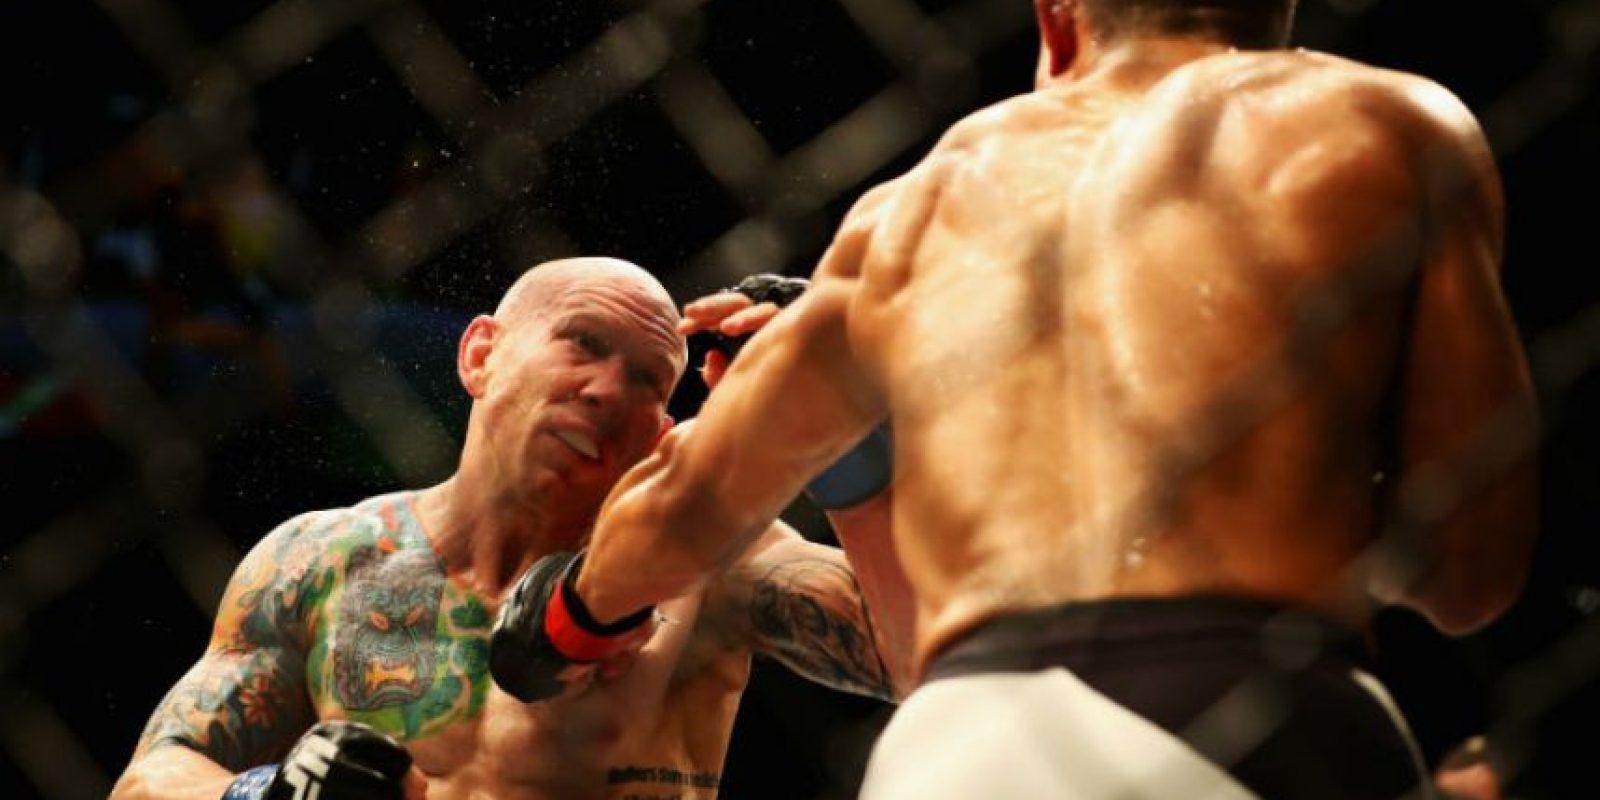 Emmett tiene un récord en lar artes marciales mixtas de 10 victorias y 0 derrotas Foto:Getty Images